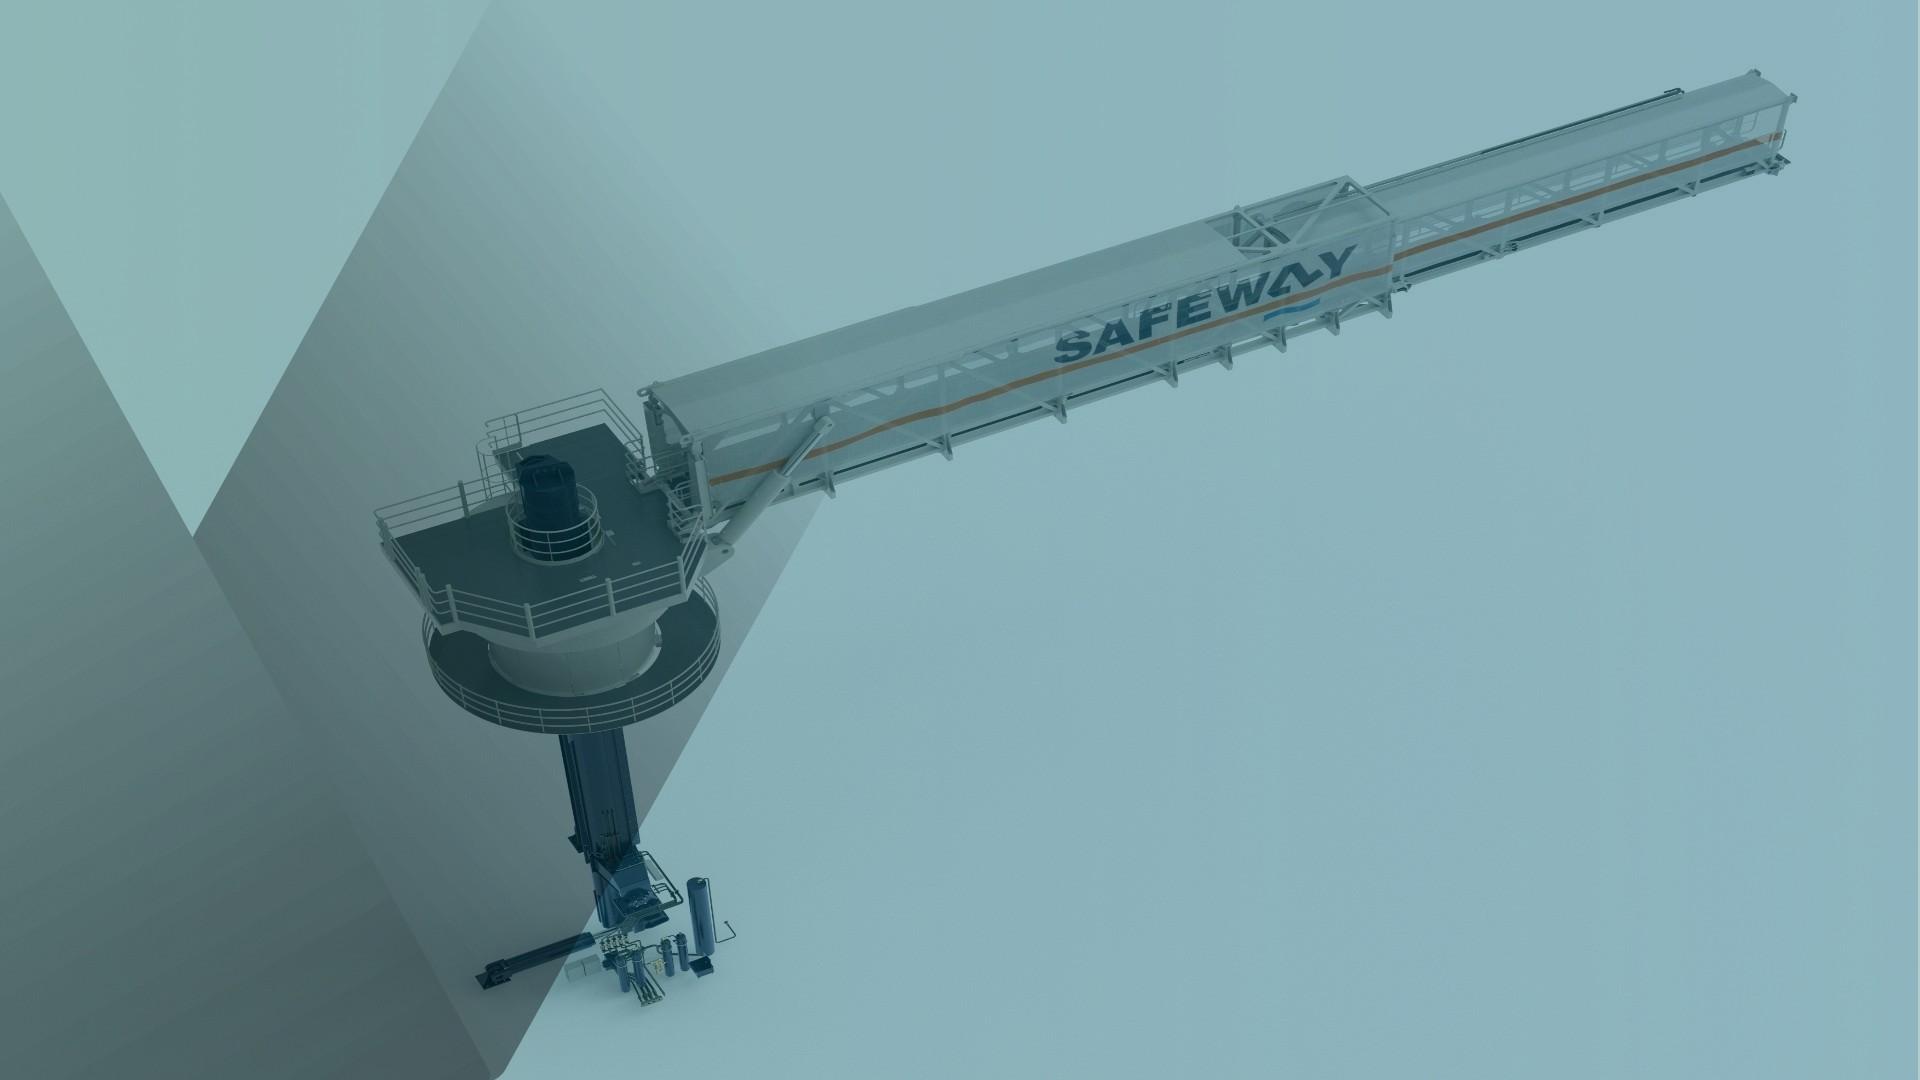 Image: Equipment design